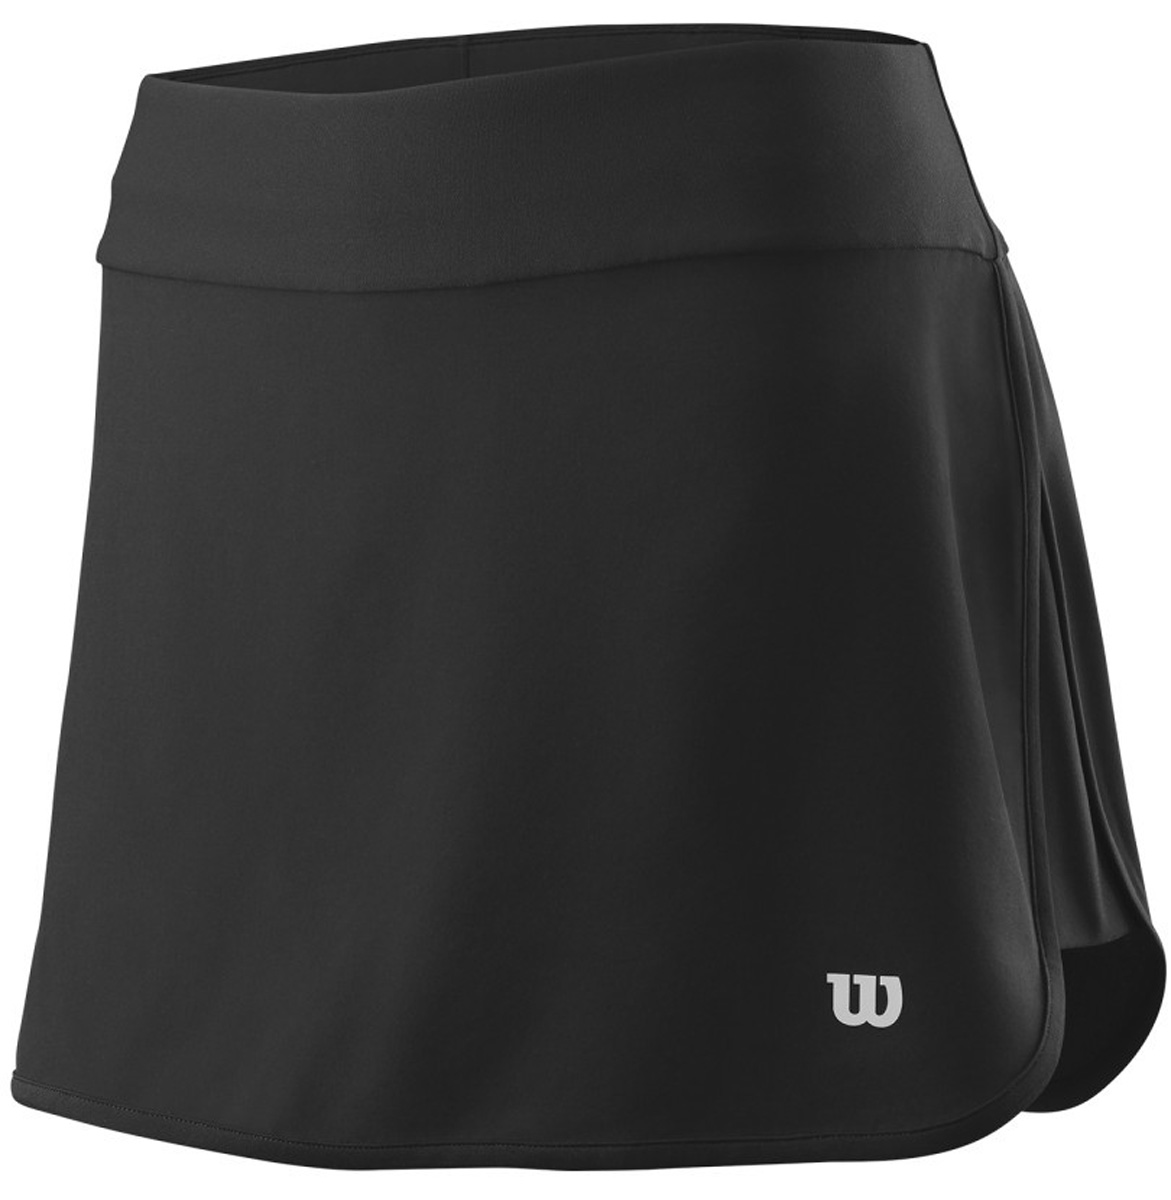 Юбка для тенниса Wilson Condition 13.5 Skirt, цвет: черный. WRA764401. Размер S (44)WRA764401Юбка для тенниса от Wilson выполнена из эластичного трикотажа. Модель с эластичной резинкой на талии.